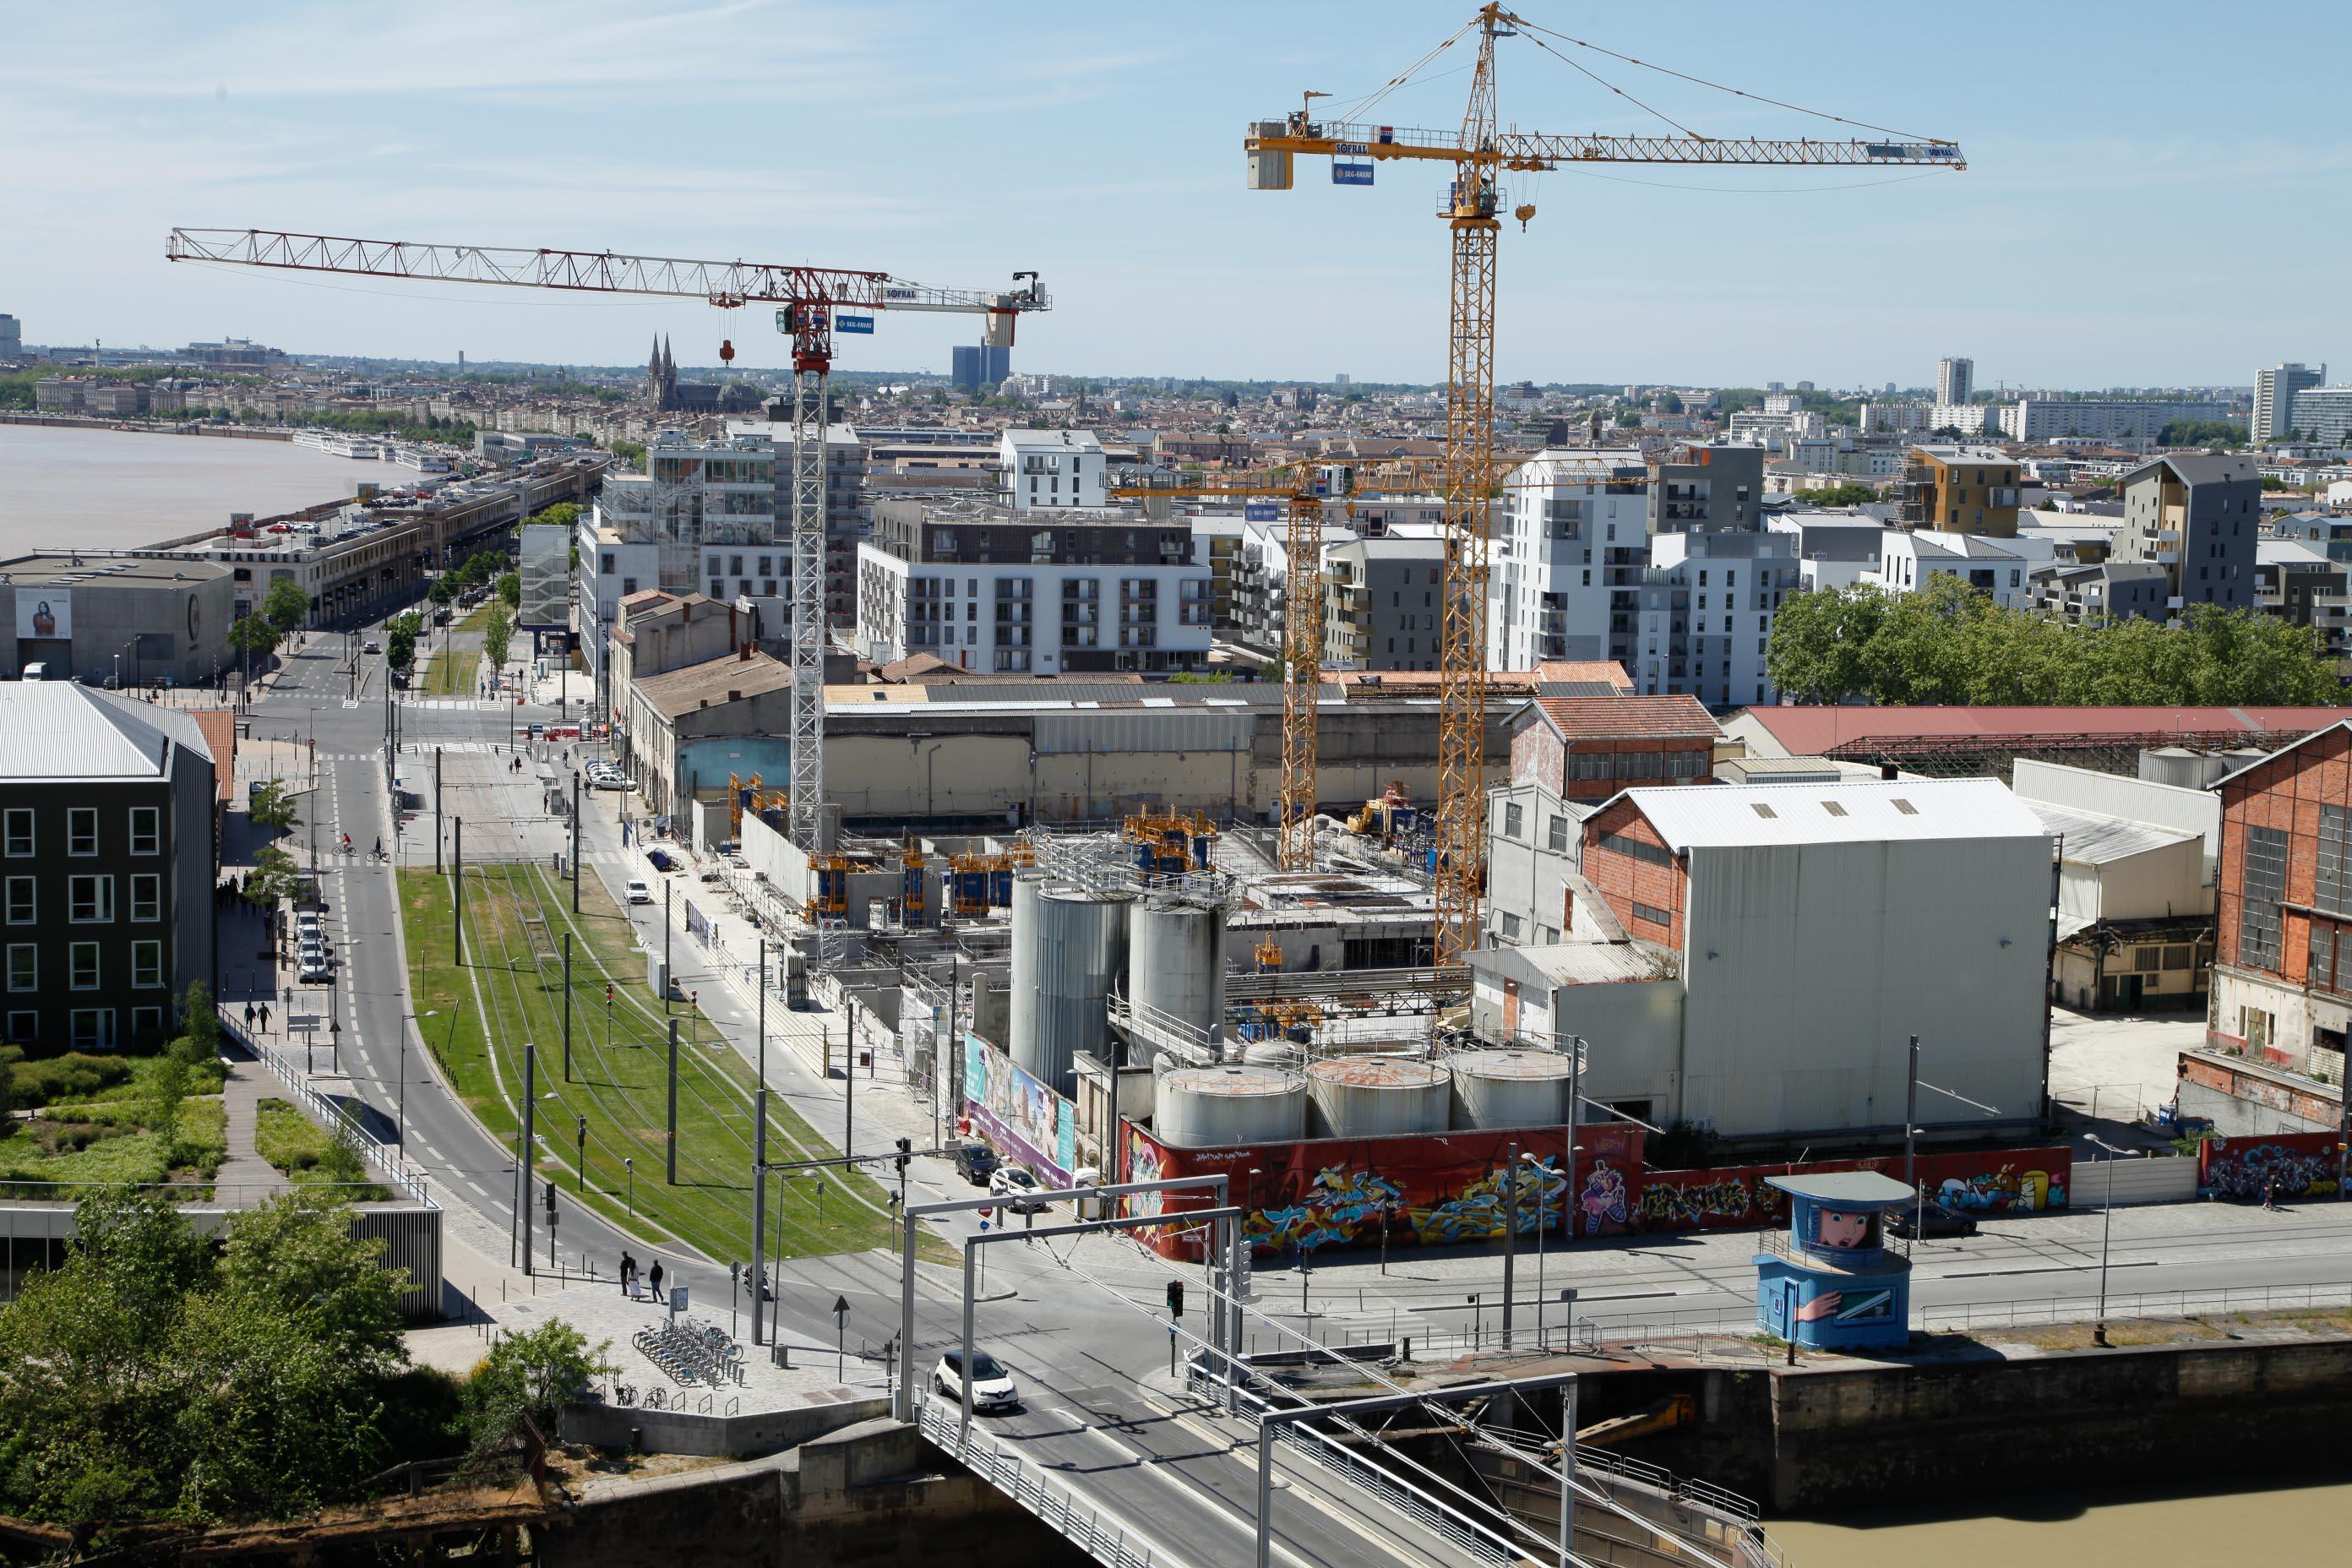 Der Blick von der Cité du vin auf das Hafenviertel Bacalan in Bordea